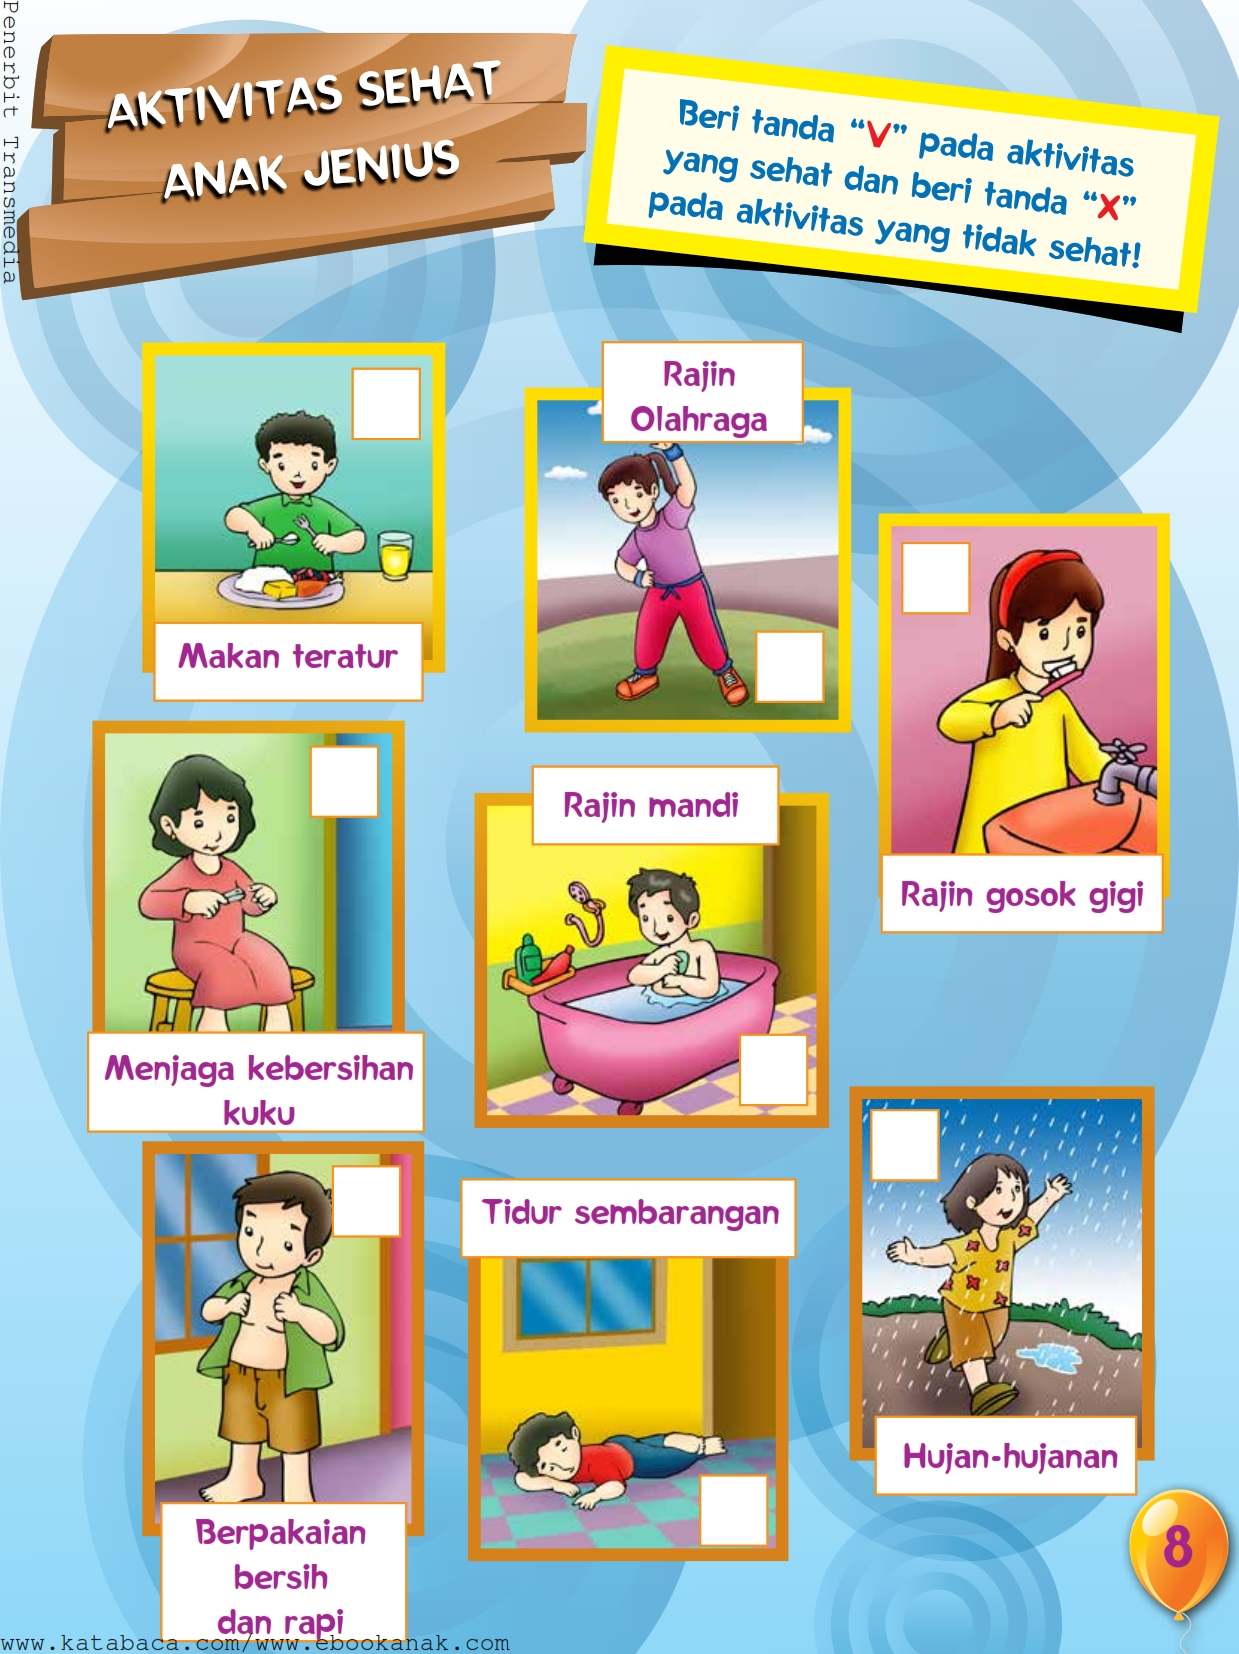 baca buku online, buku aktivitas anak jenius TK A B_011 mengenal aktivitas anak yang sehat dan tidak sehat